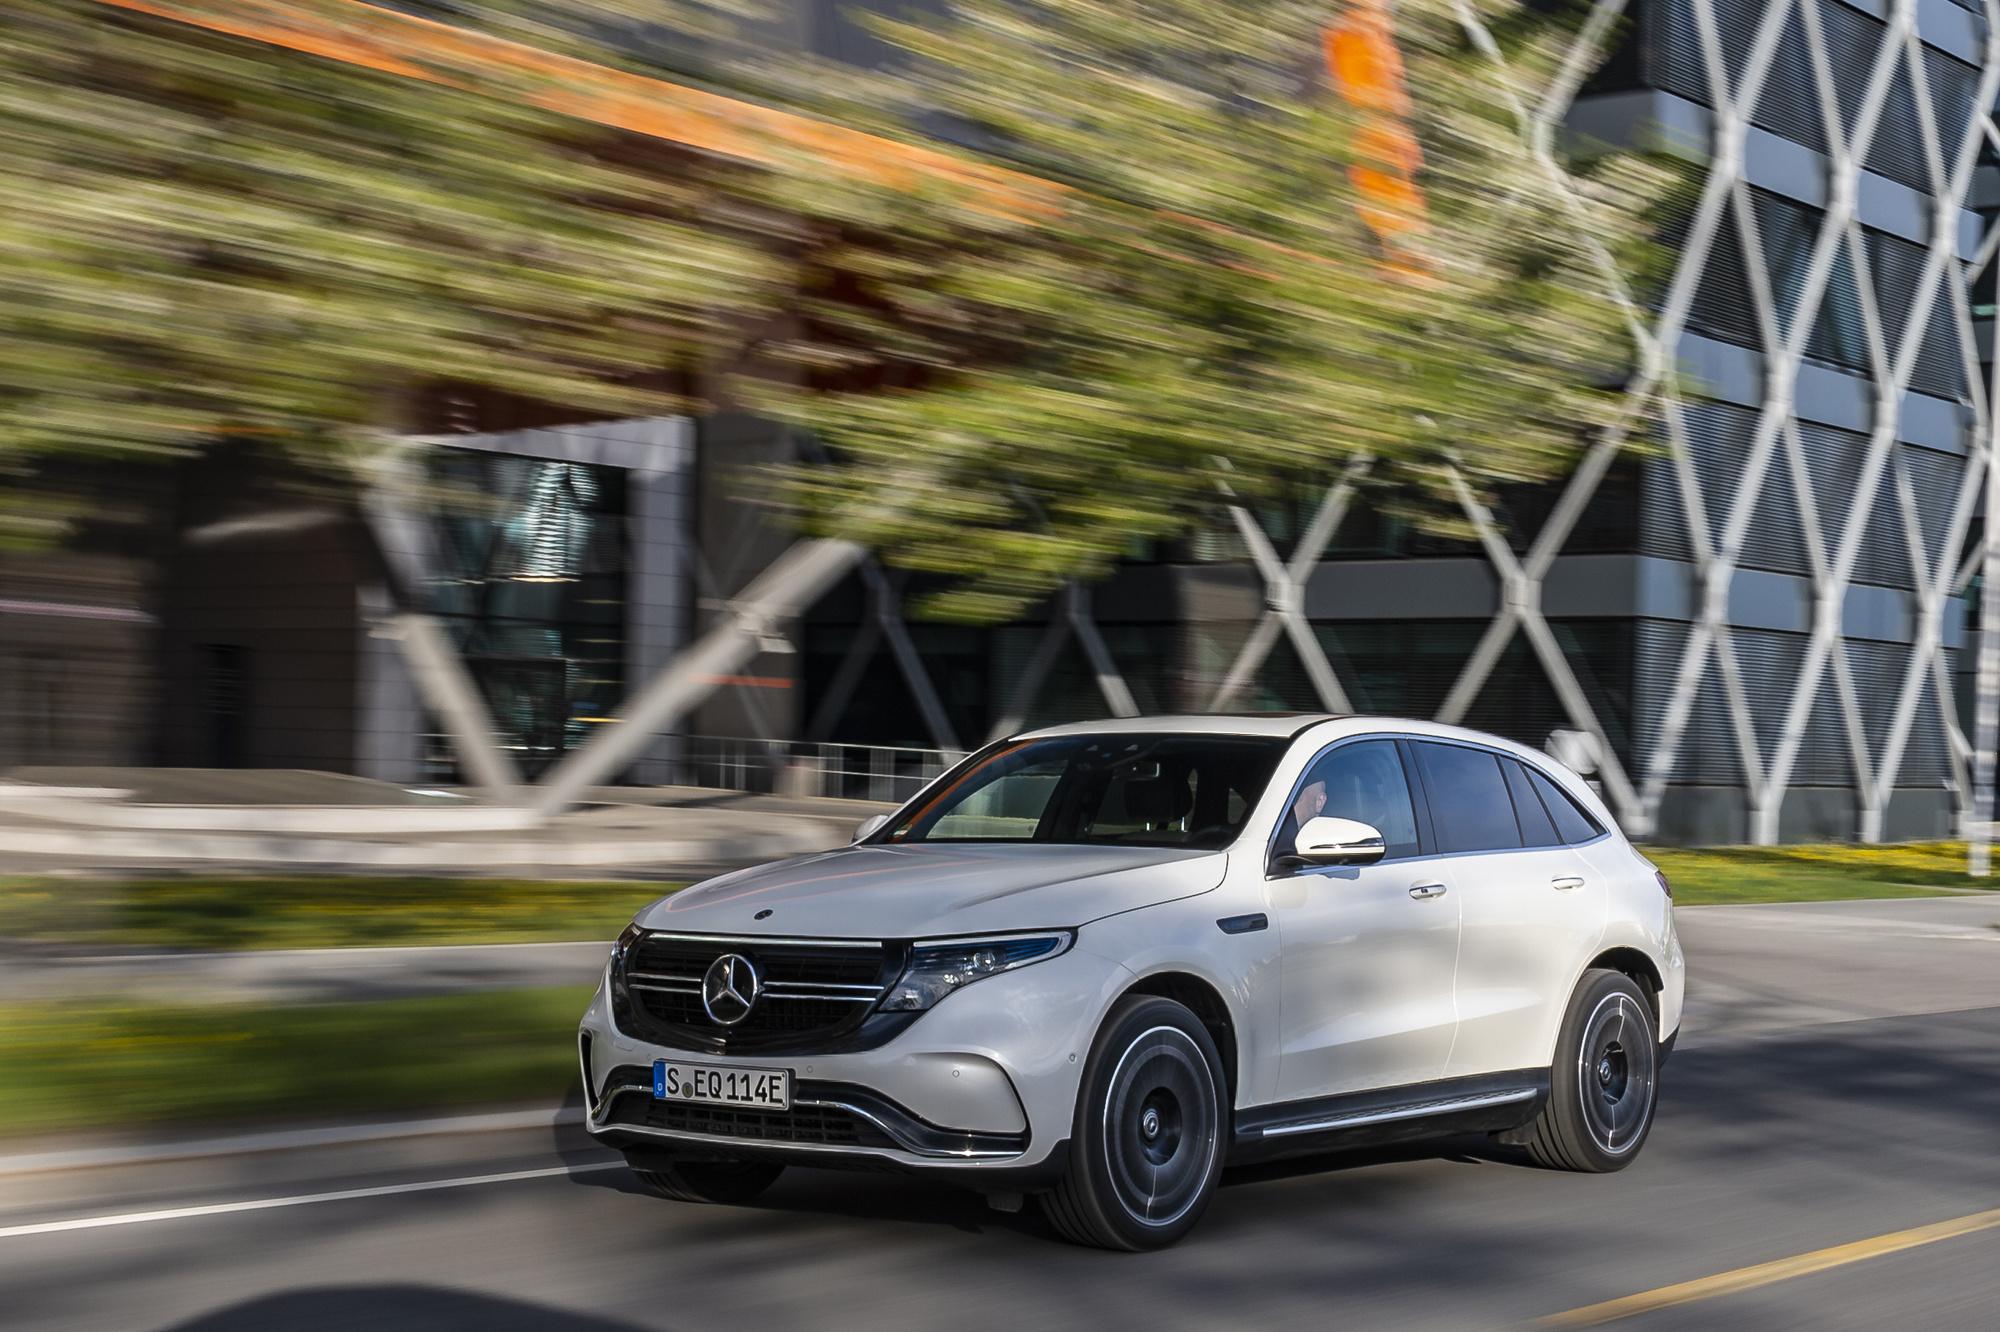 De EQC is de eerste elektrisch aangedreven SUV van Mercedes., /